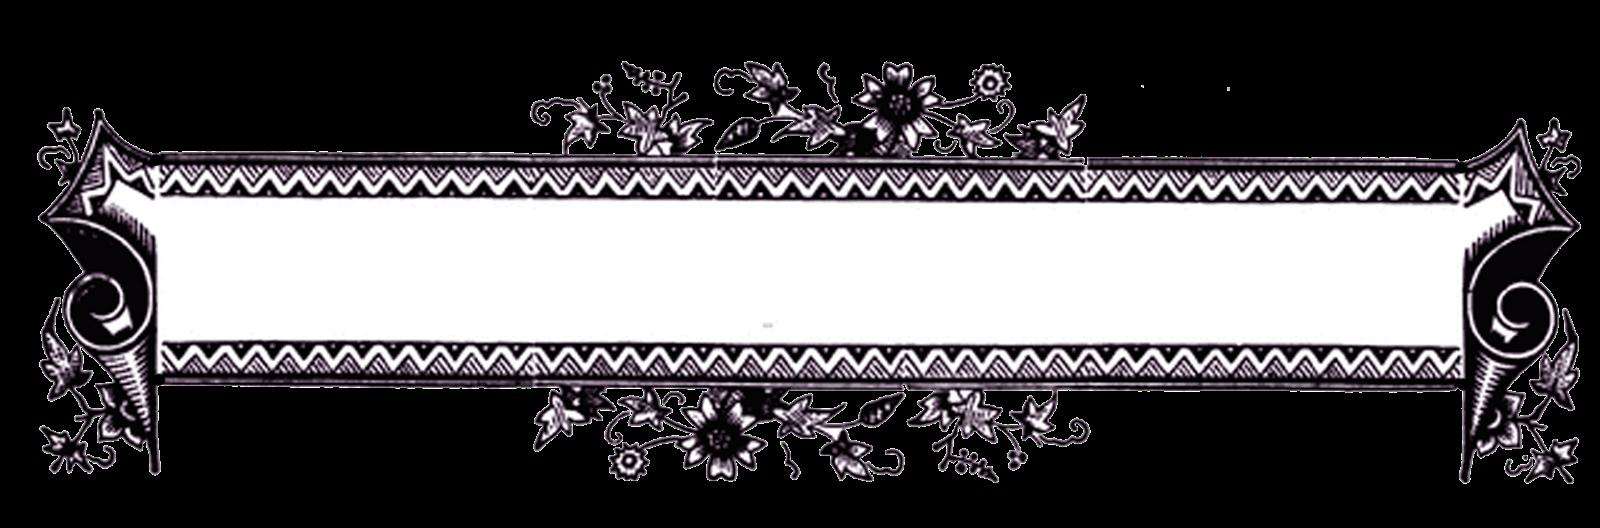 Black Vintage Frame Border